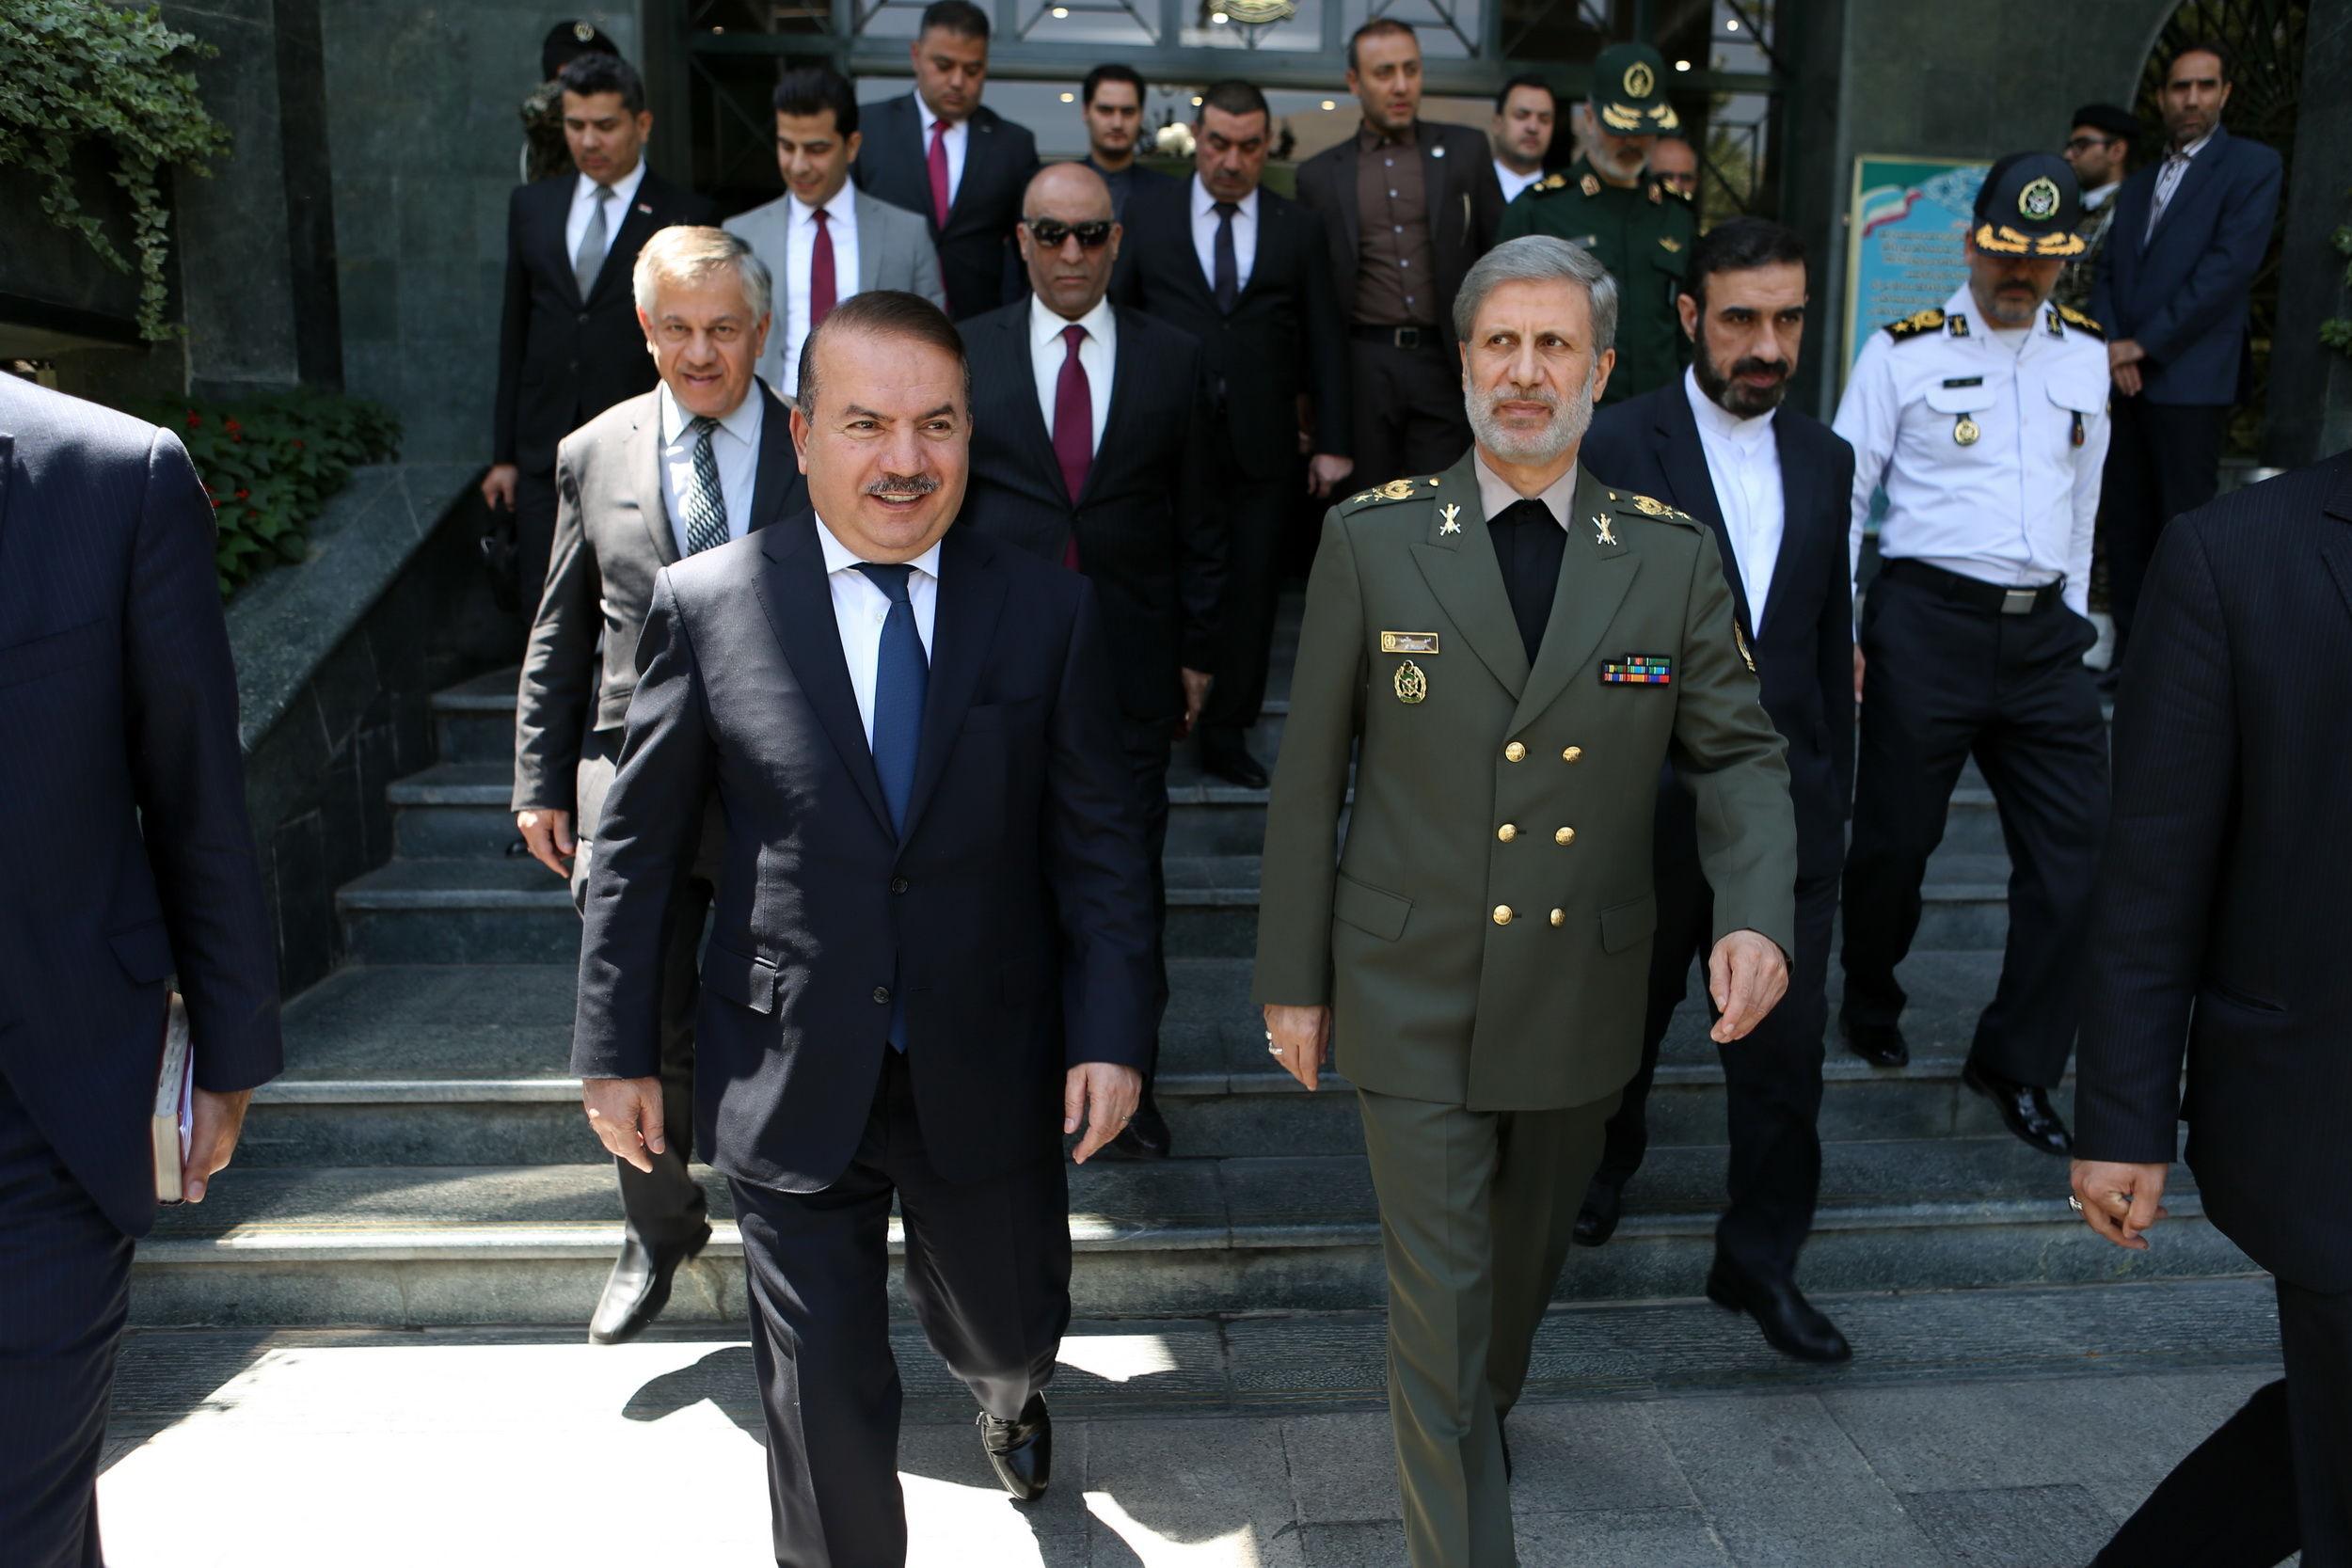 تقویت بنیه دفاعی عراق از راهبردهای اصلی جمهوری اسلامی ایران است